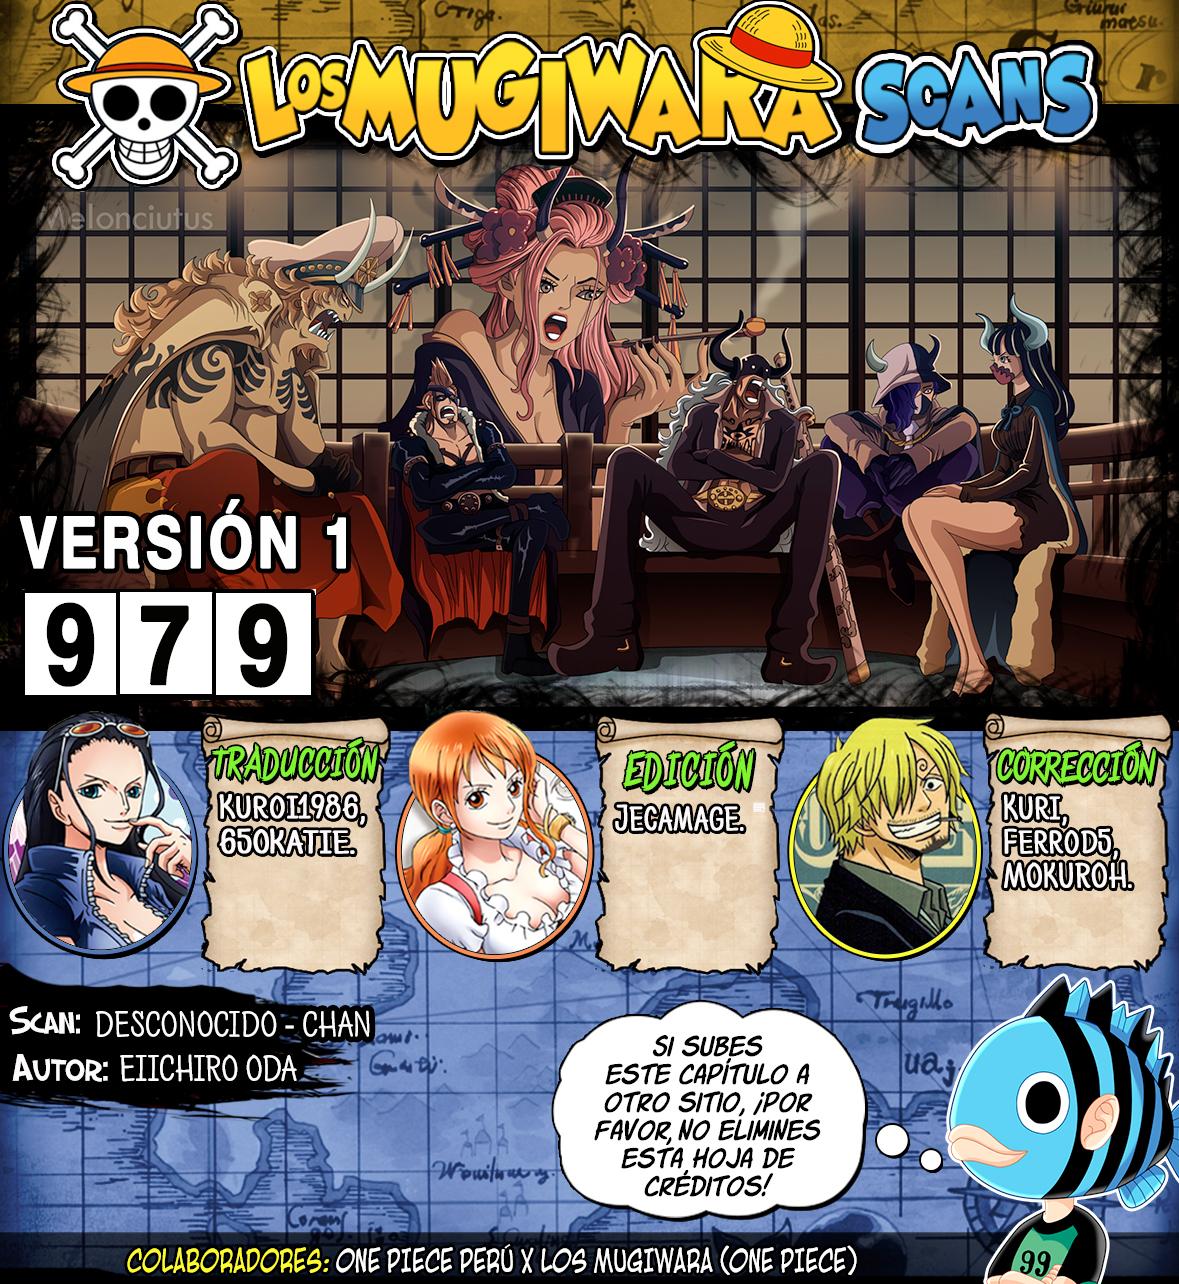 One Piece Manga 979 [Español] [Mugiwara Scans] 00